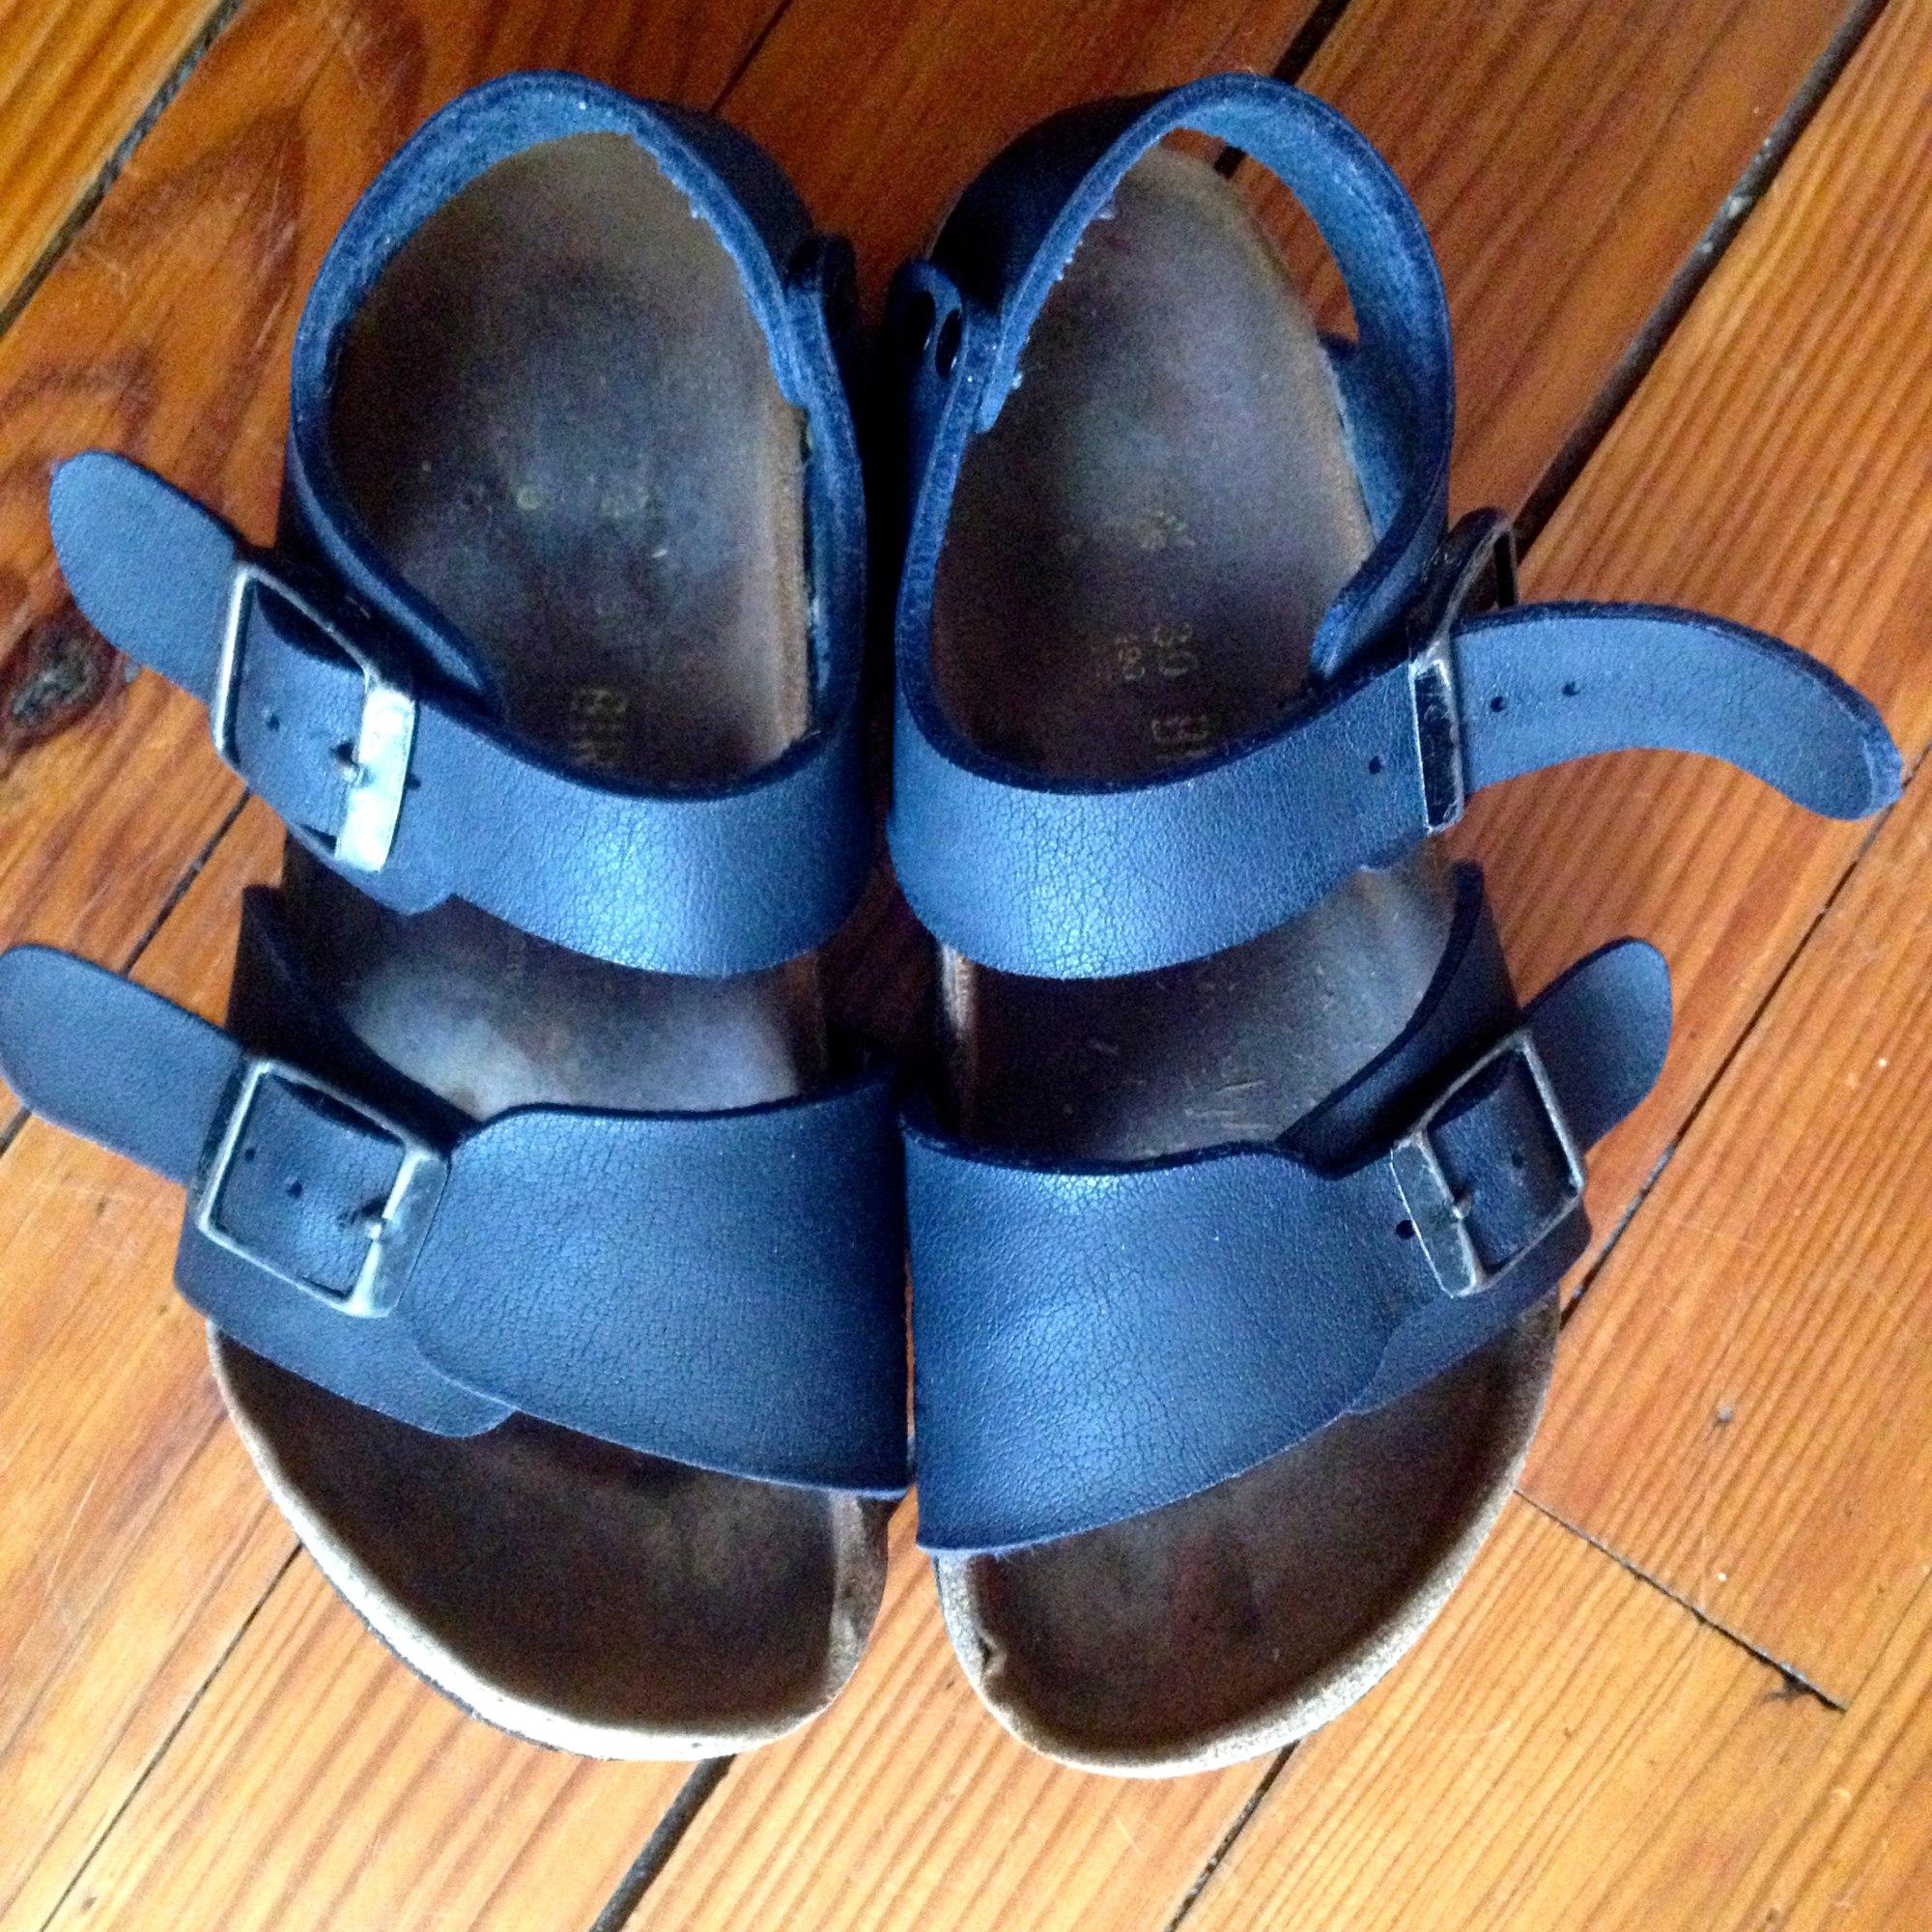 Chaussures à boucle BIRKENSTOCK Bleu, bleu marine, bleu turquoise